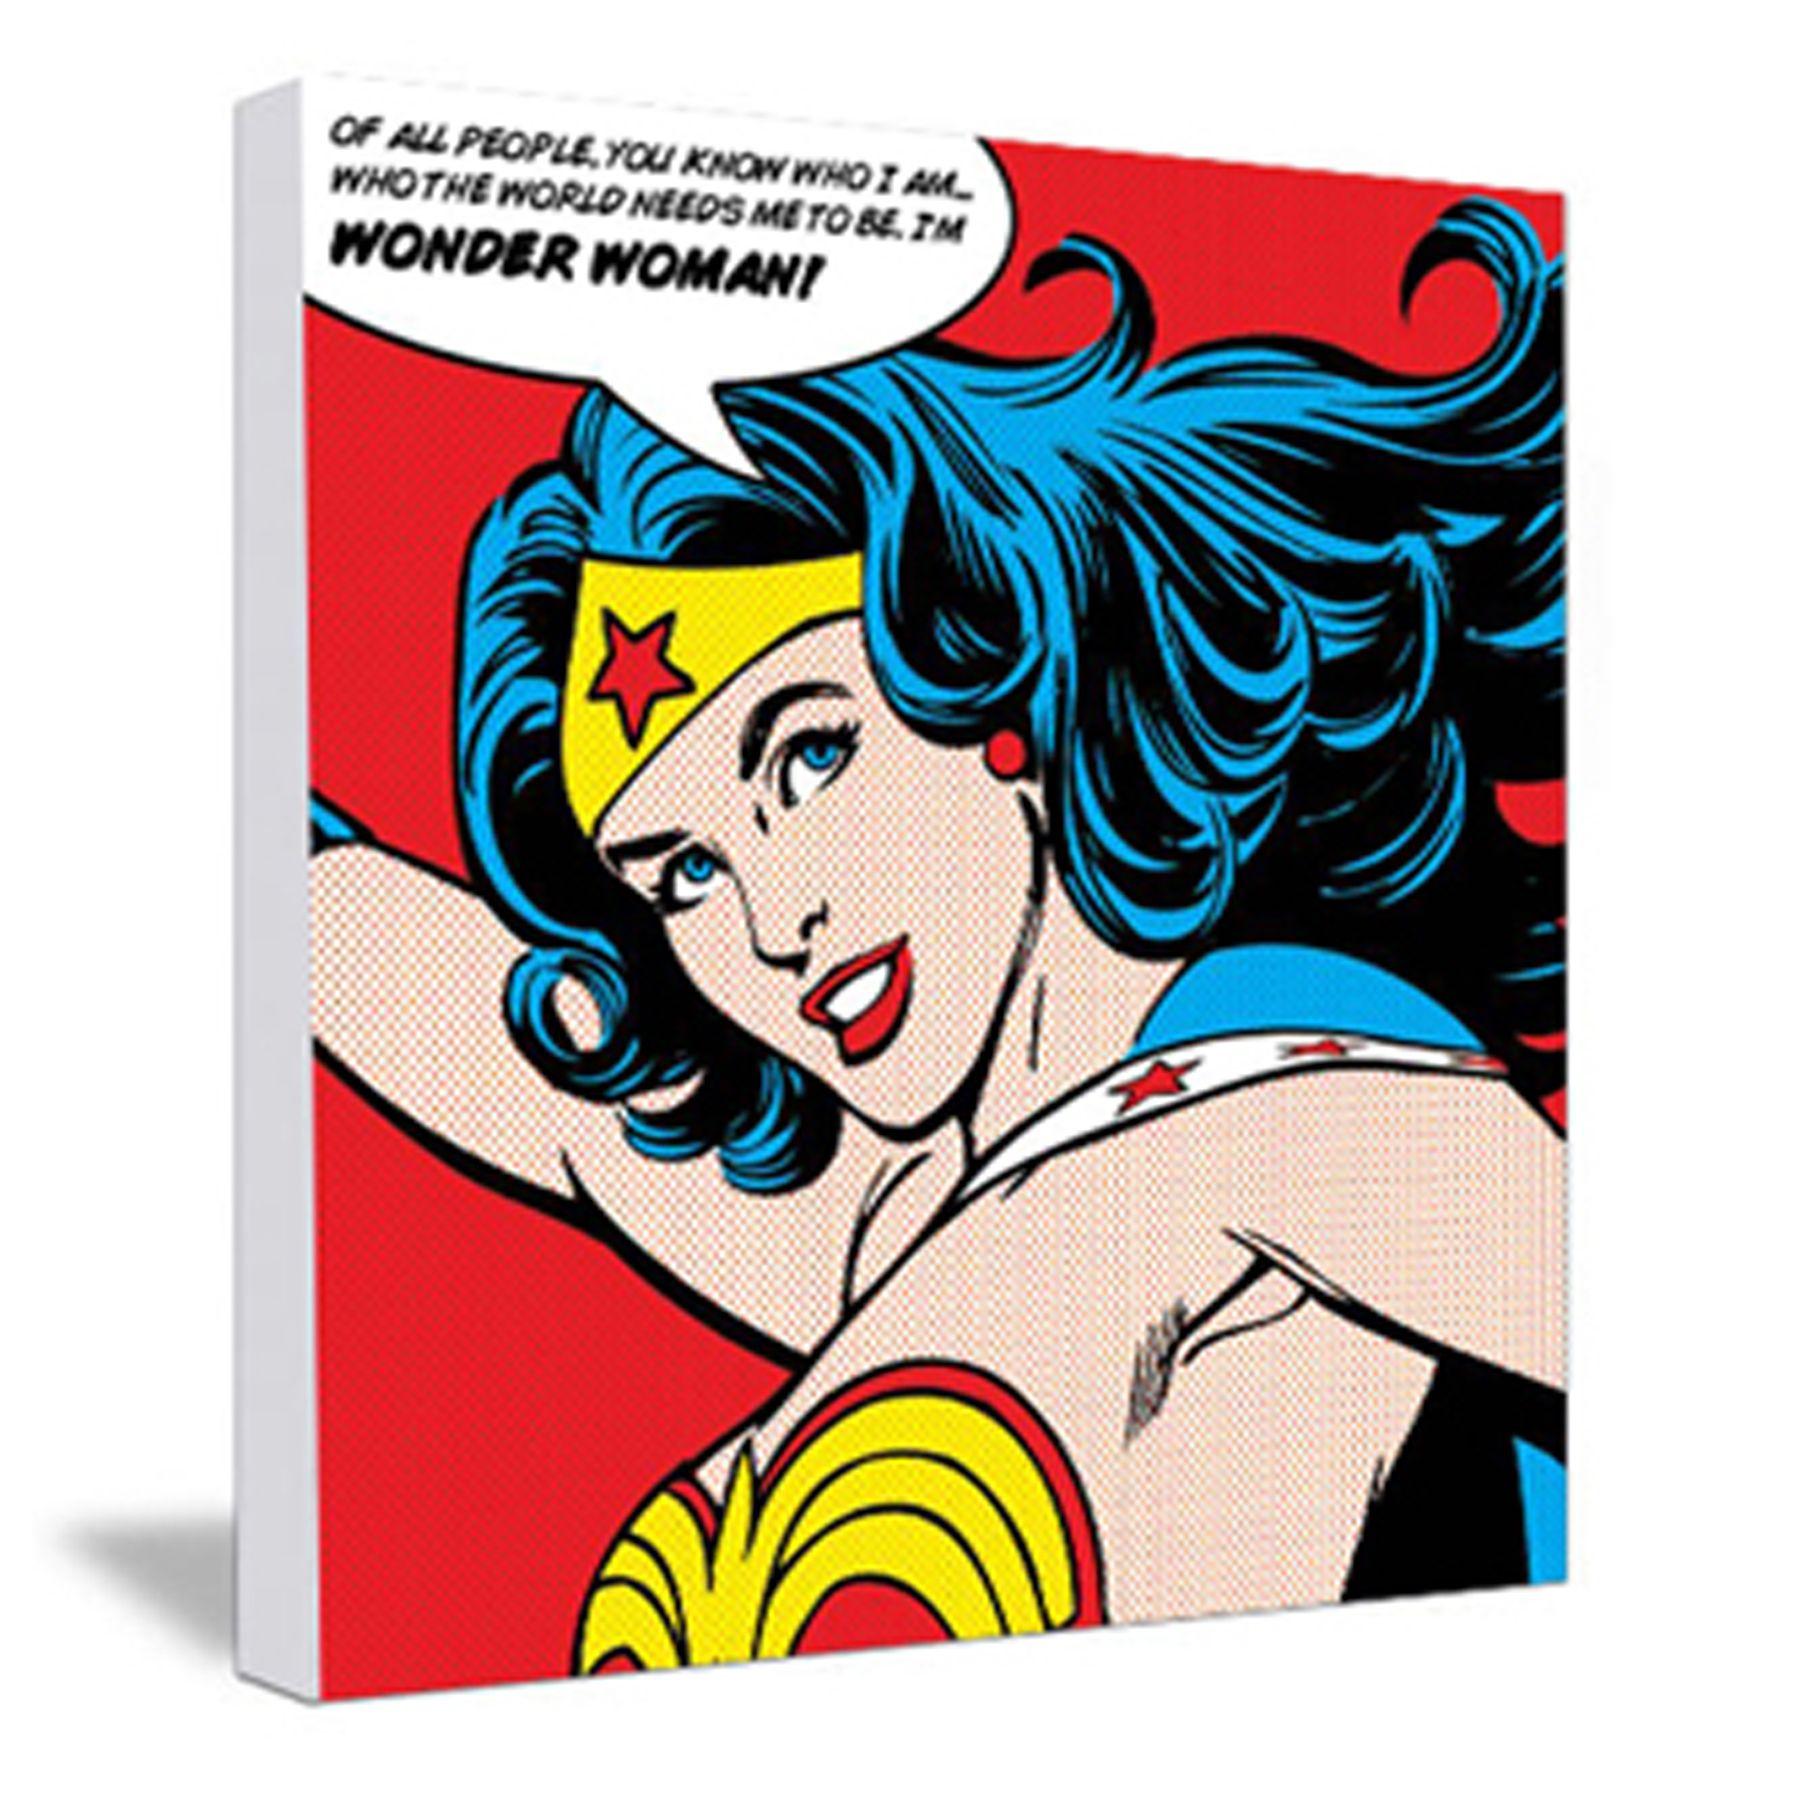 1800x1800 Wonder Woman Pop Art Canvas